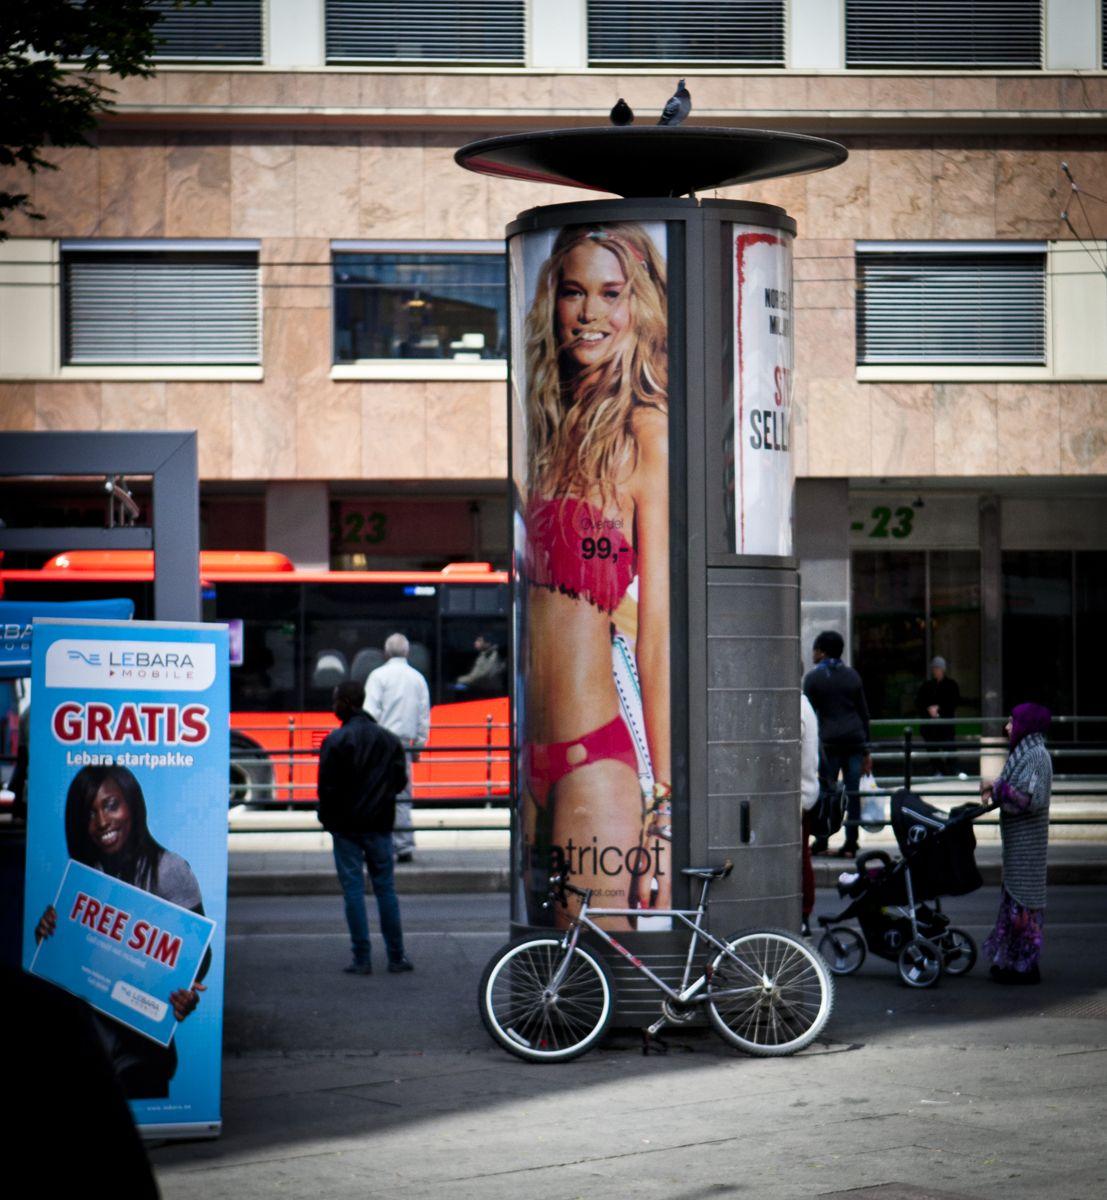 Protester fra innbyggerne førte til at Oslo bystyre gikk i forhandlinger for å få avsluttet avtalen om reklametårn. Foto: Magnus K. Bjørke